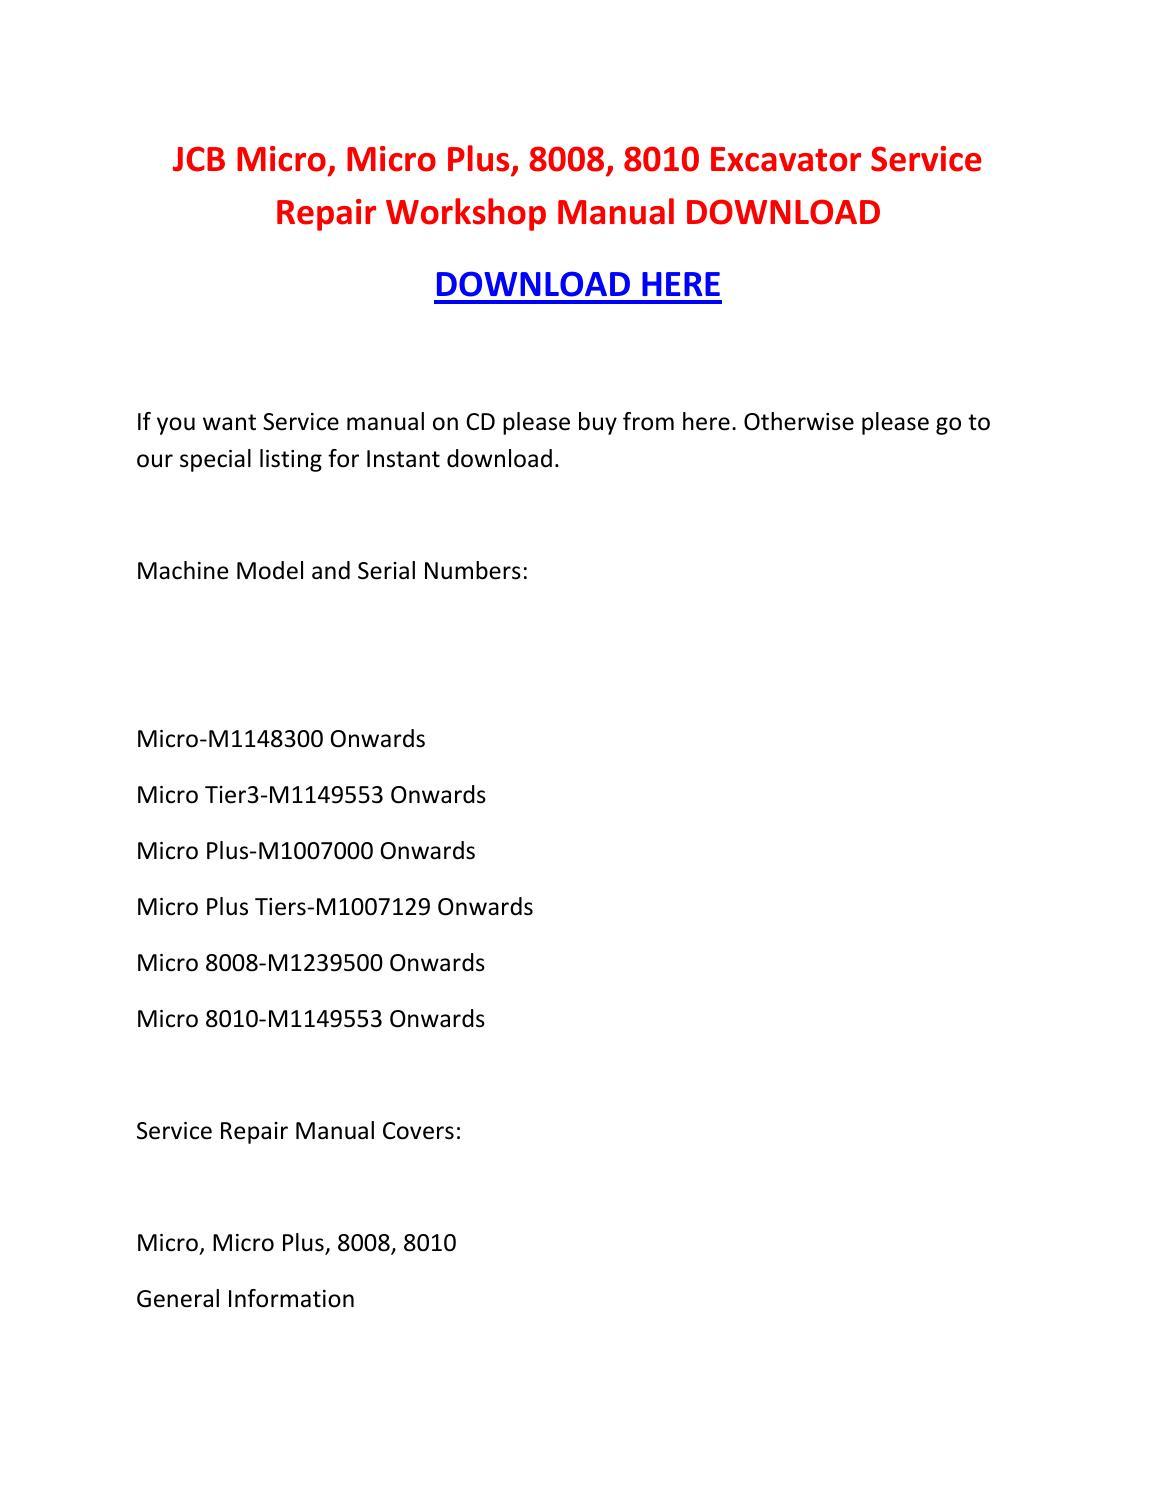 Jcb micro, micro plus, 8008, 8010 excavator service repair workshop manual  download by brown jon - issuu